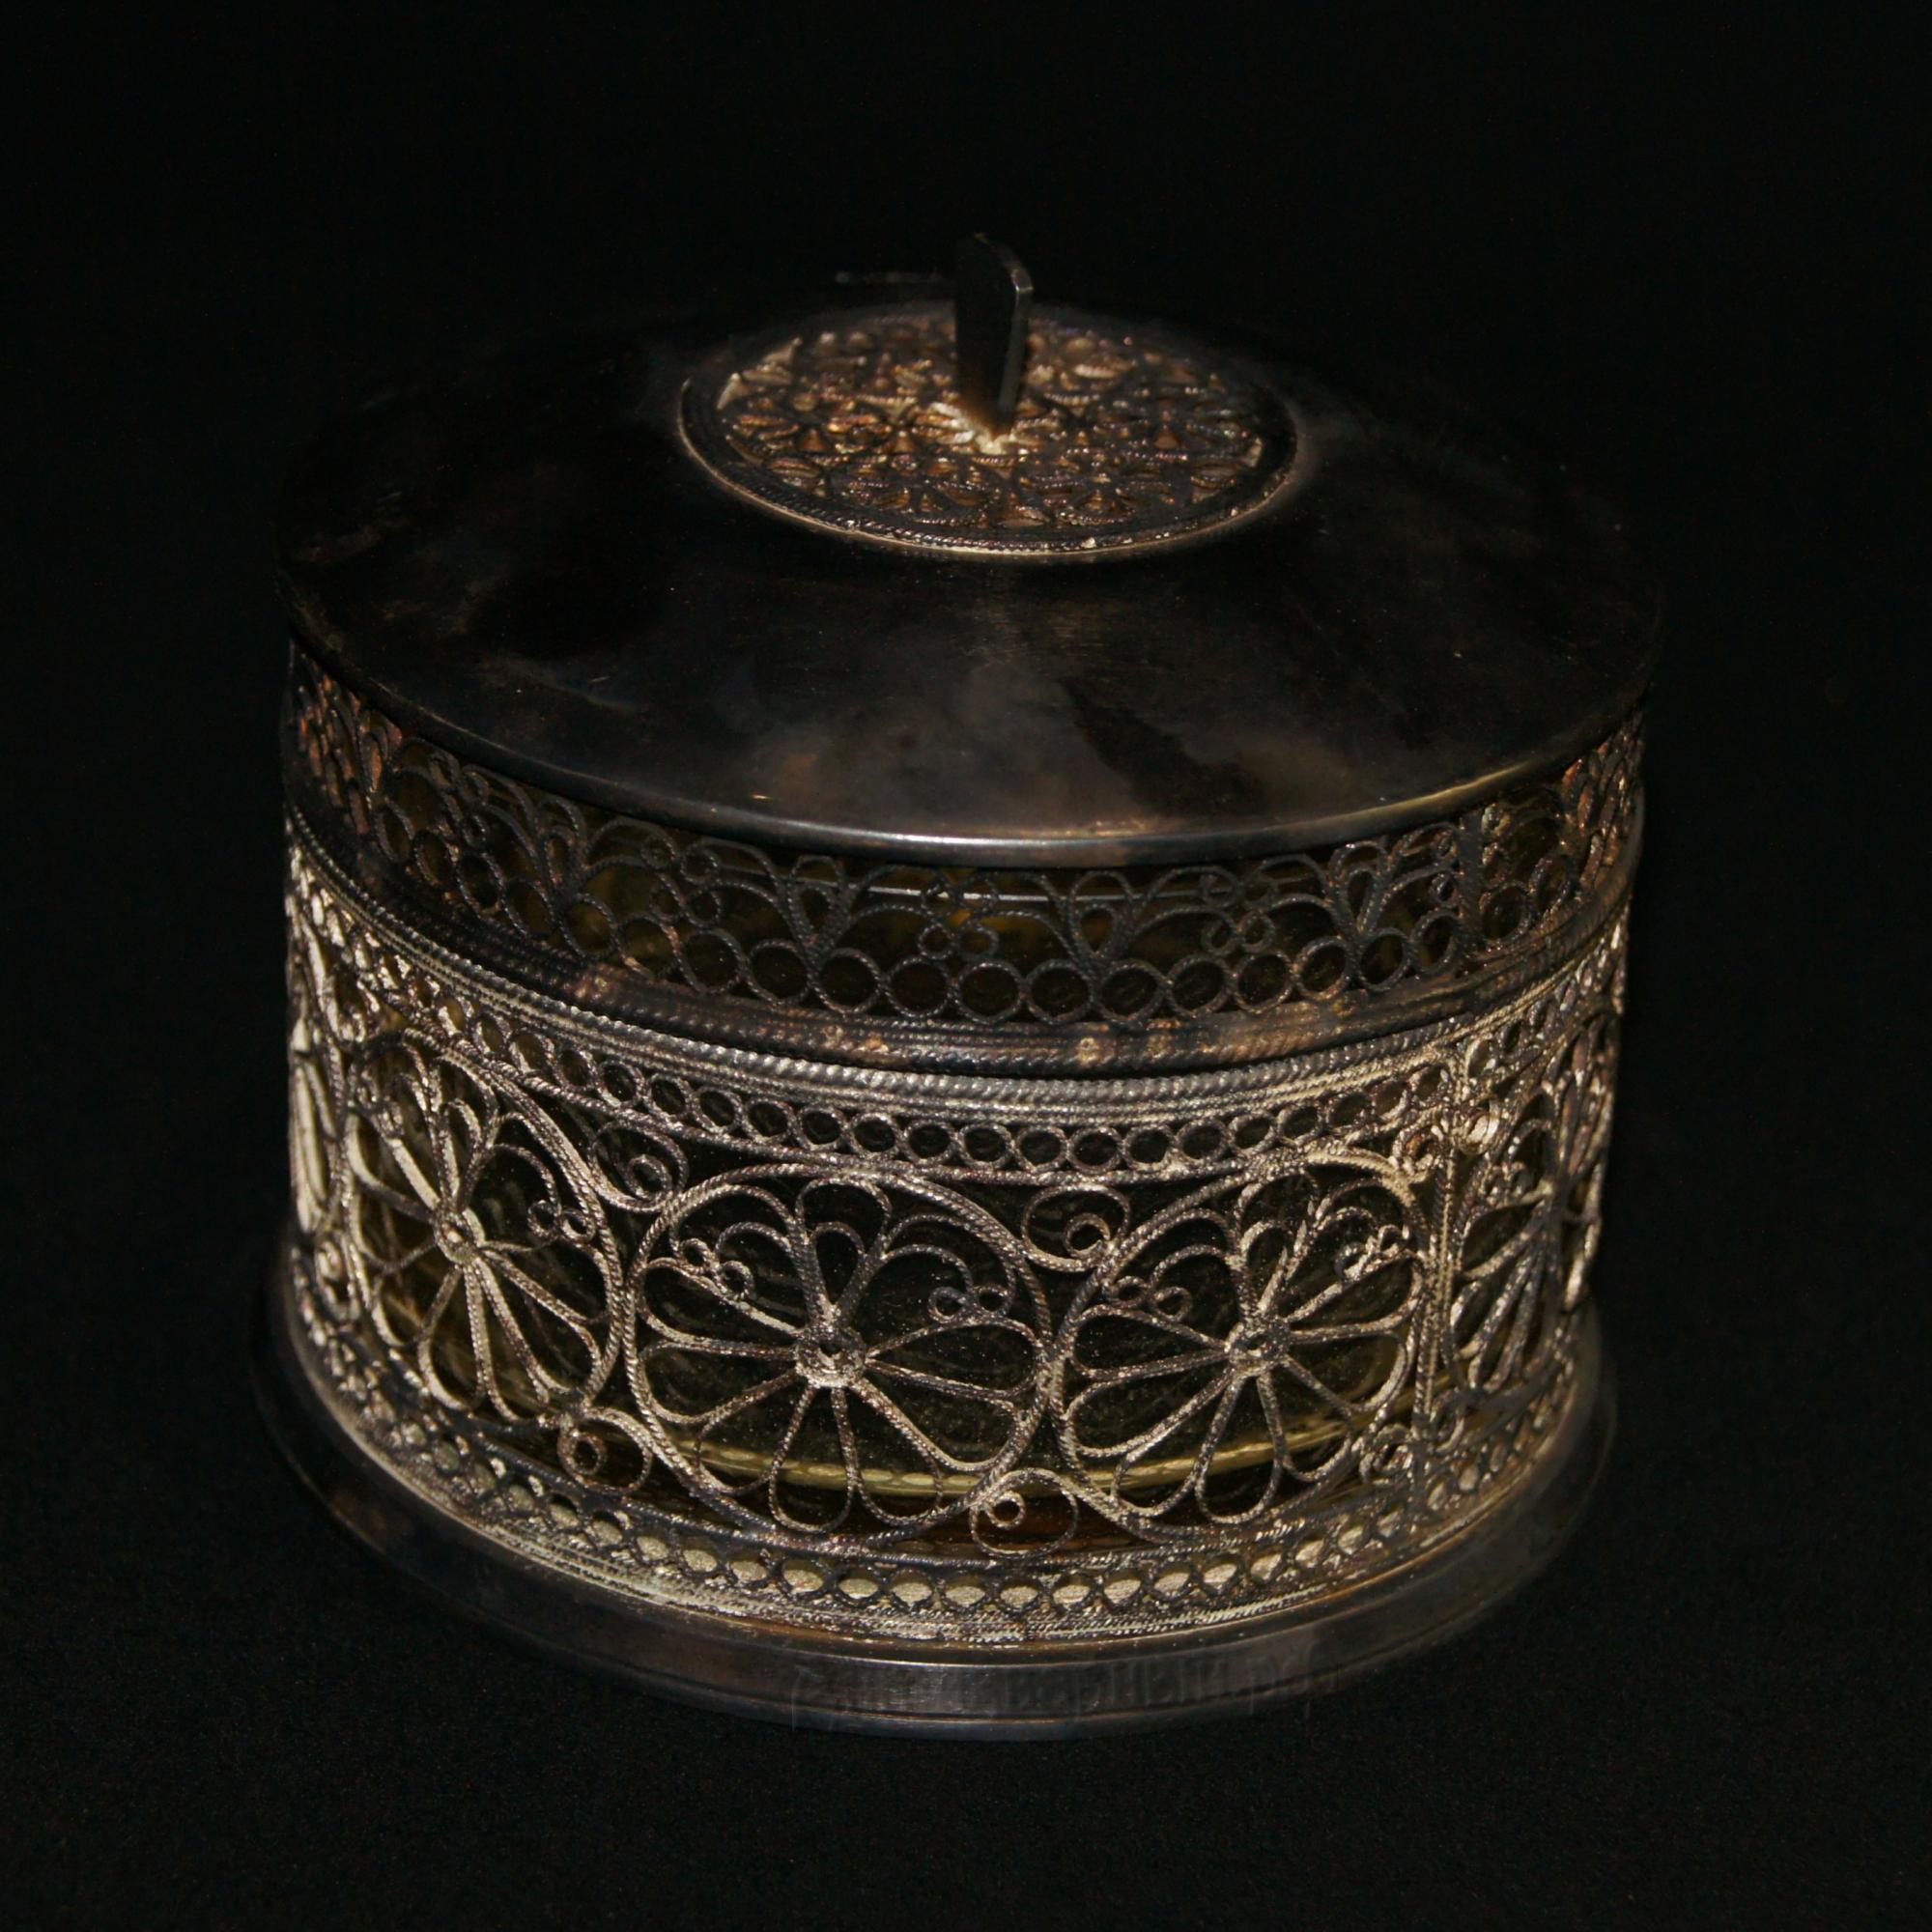 шкатулка стеклянная в мельхиоре